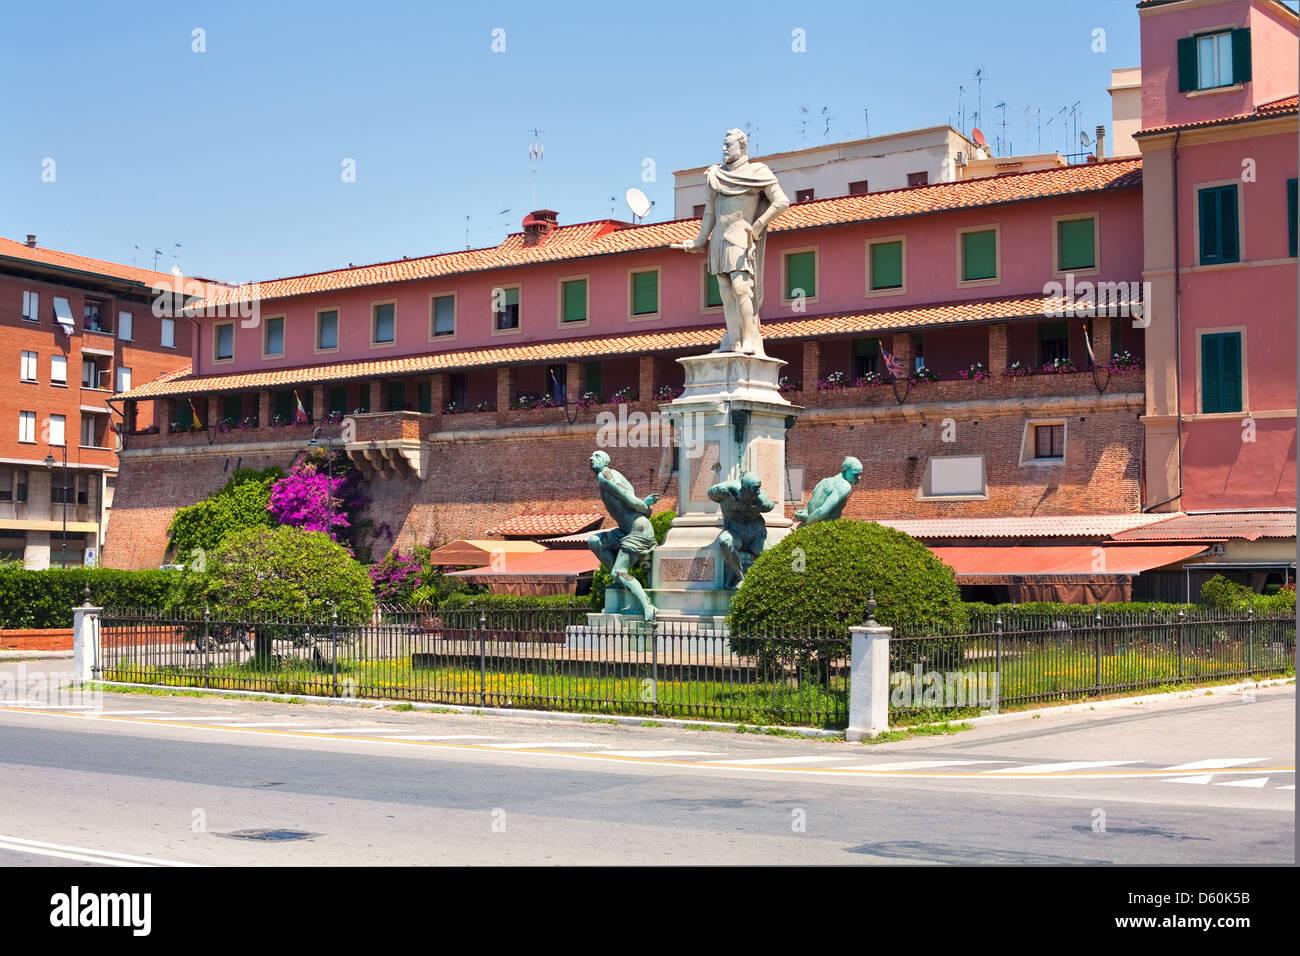 Monumento dei Quattro Mori, Livorno - Stock Image